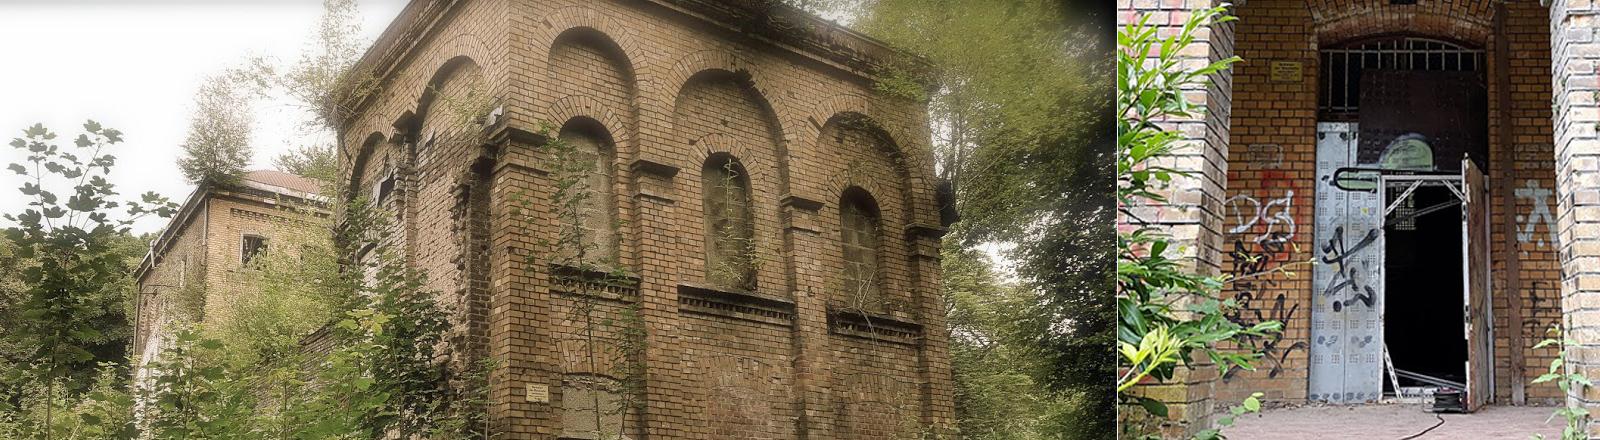 Ansicht der Villa Fühling (links) und Eingang des Hauses (rechts)